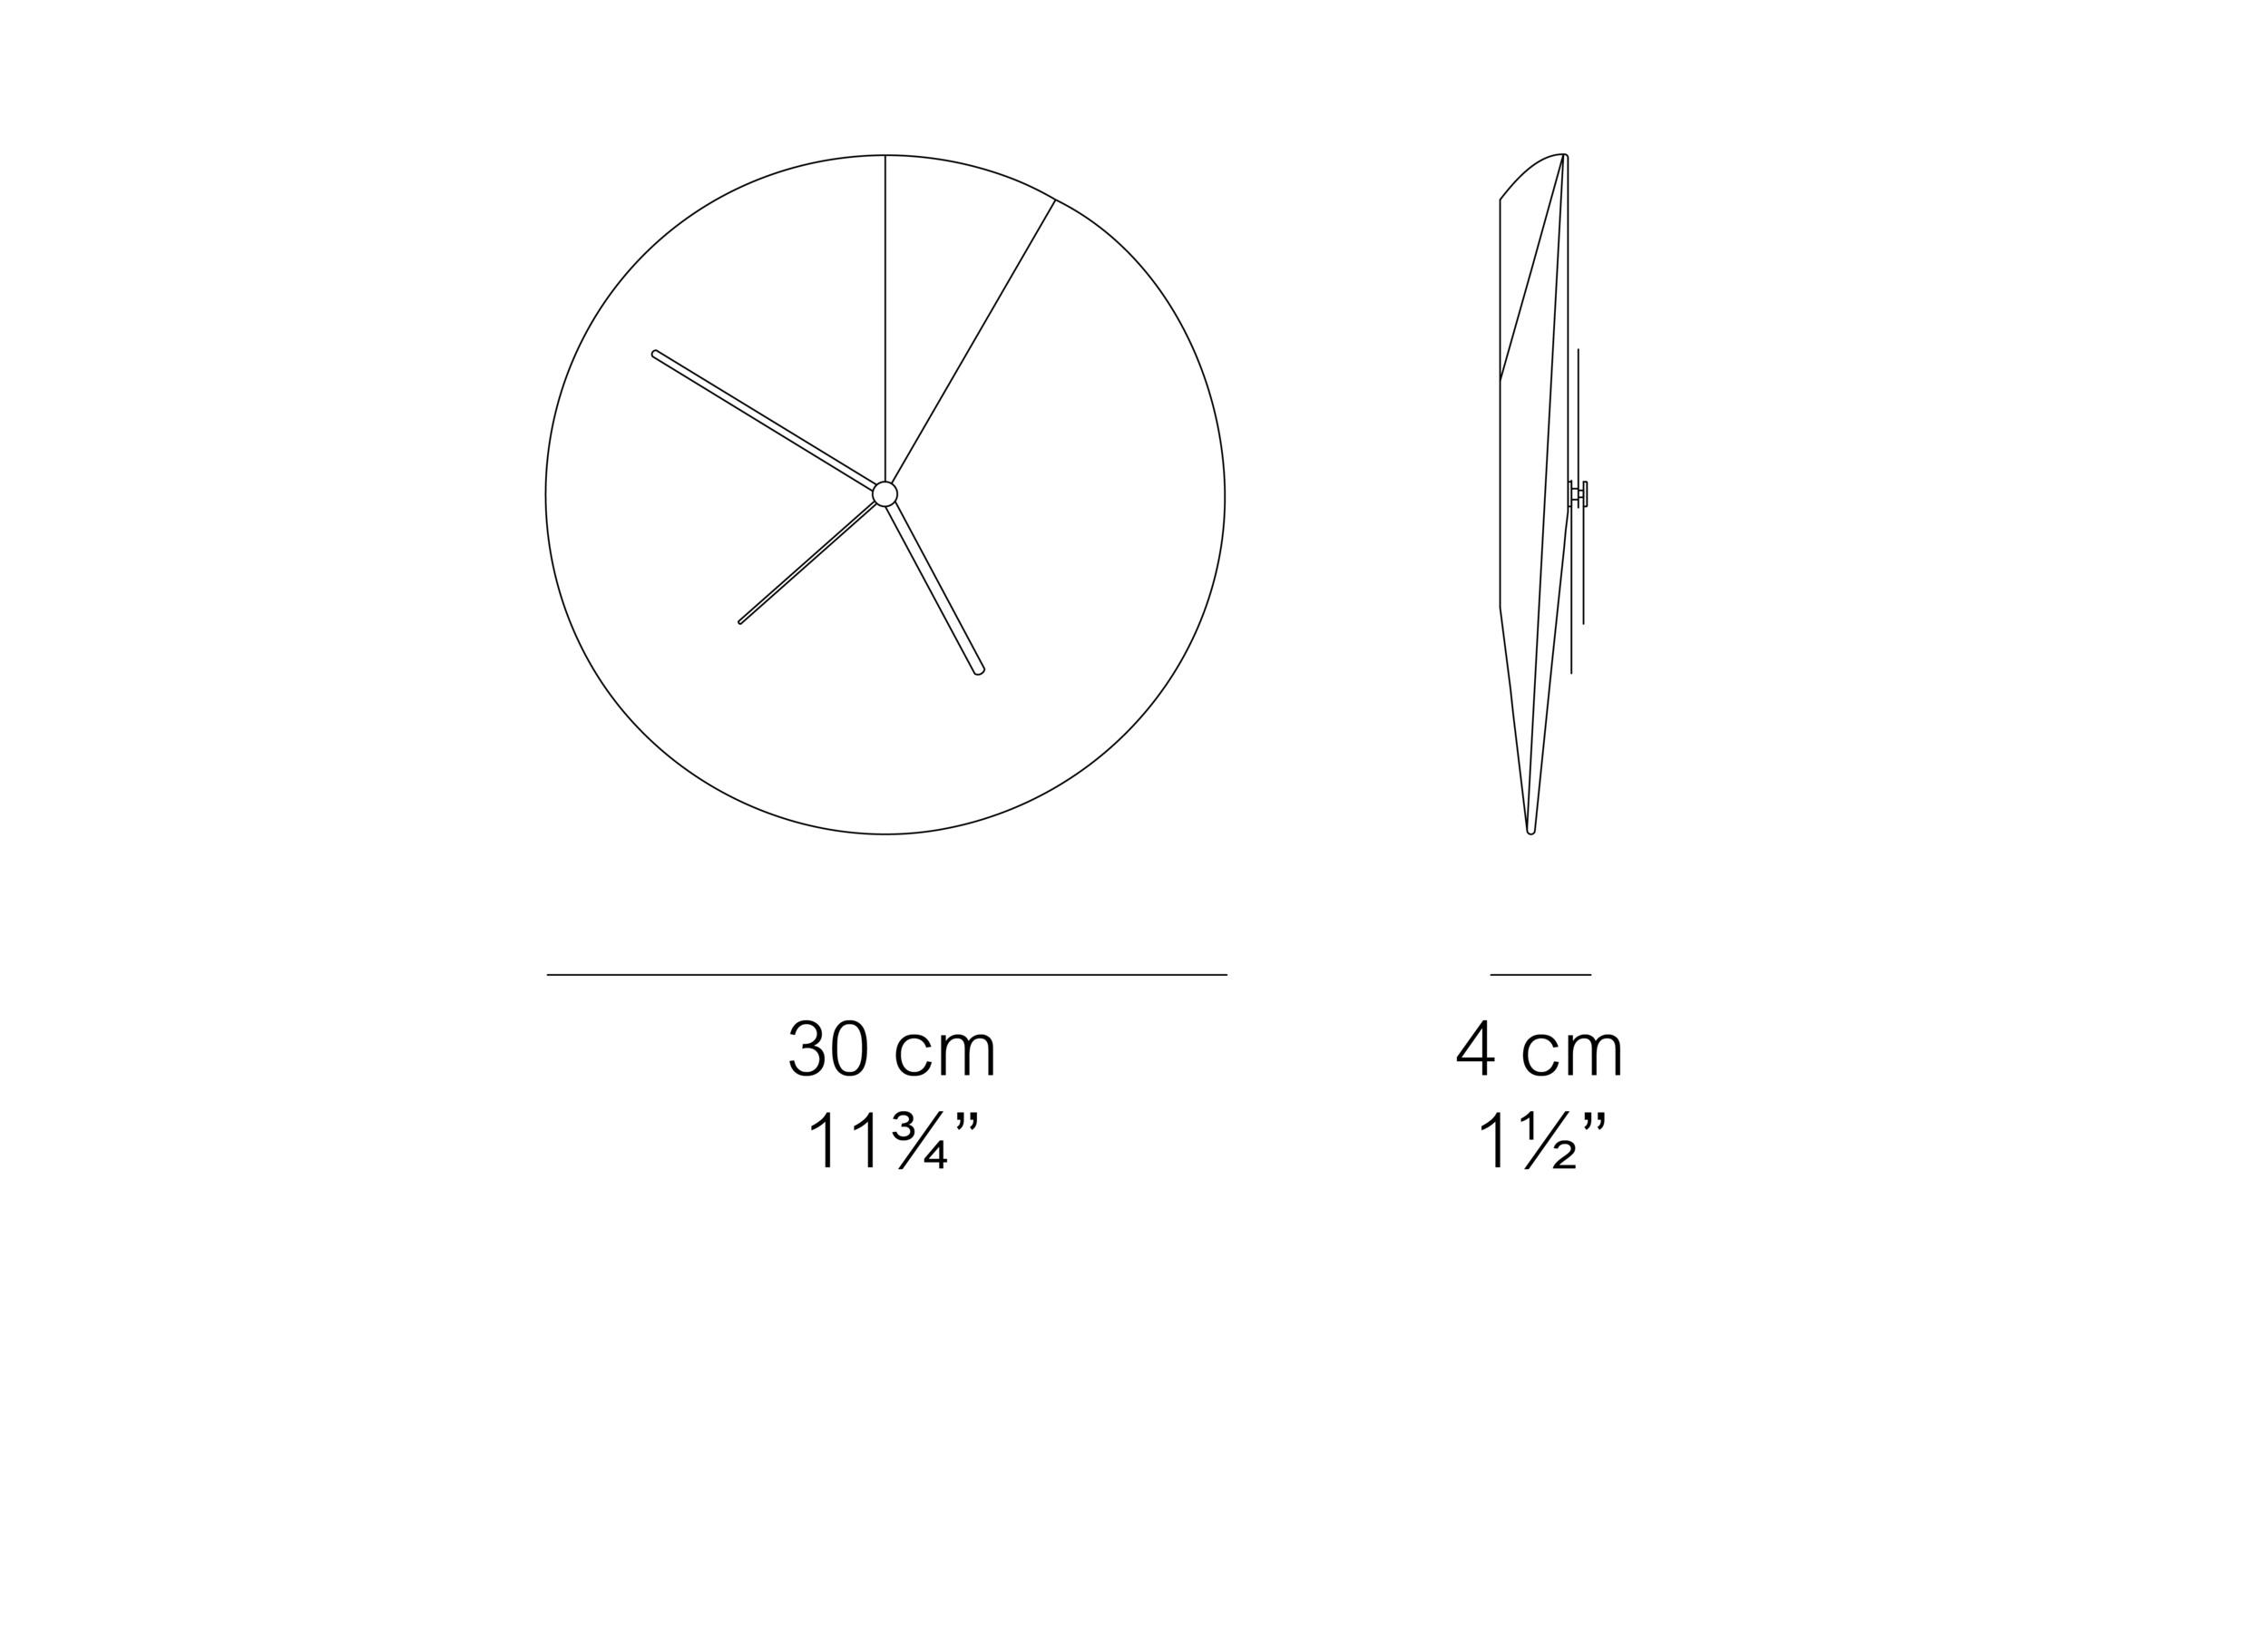 oree_dimensions